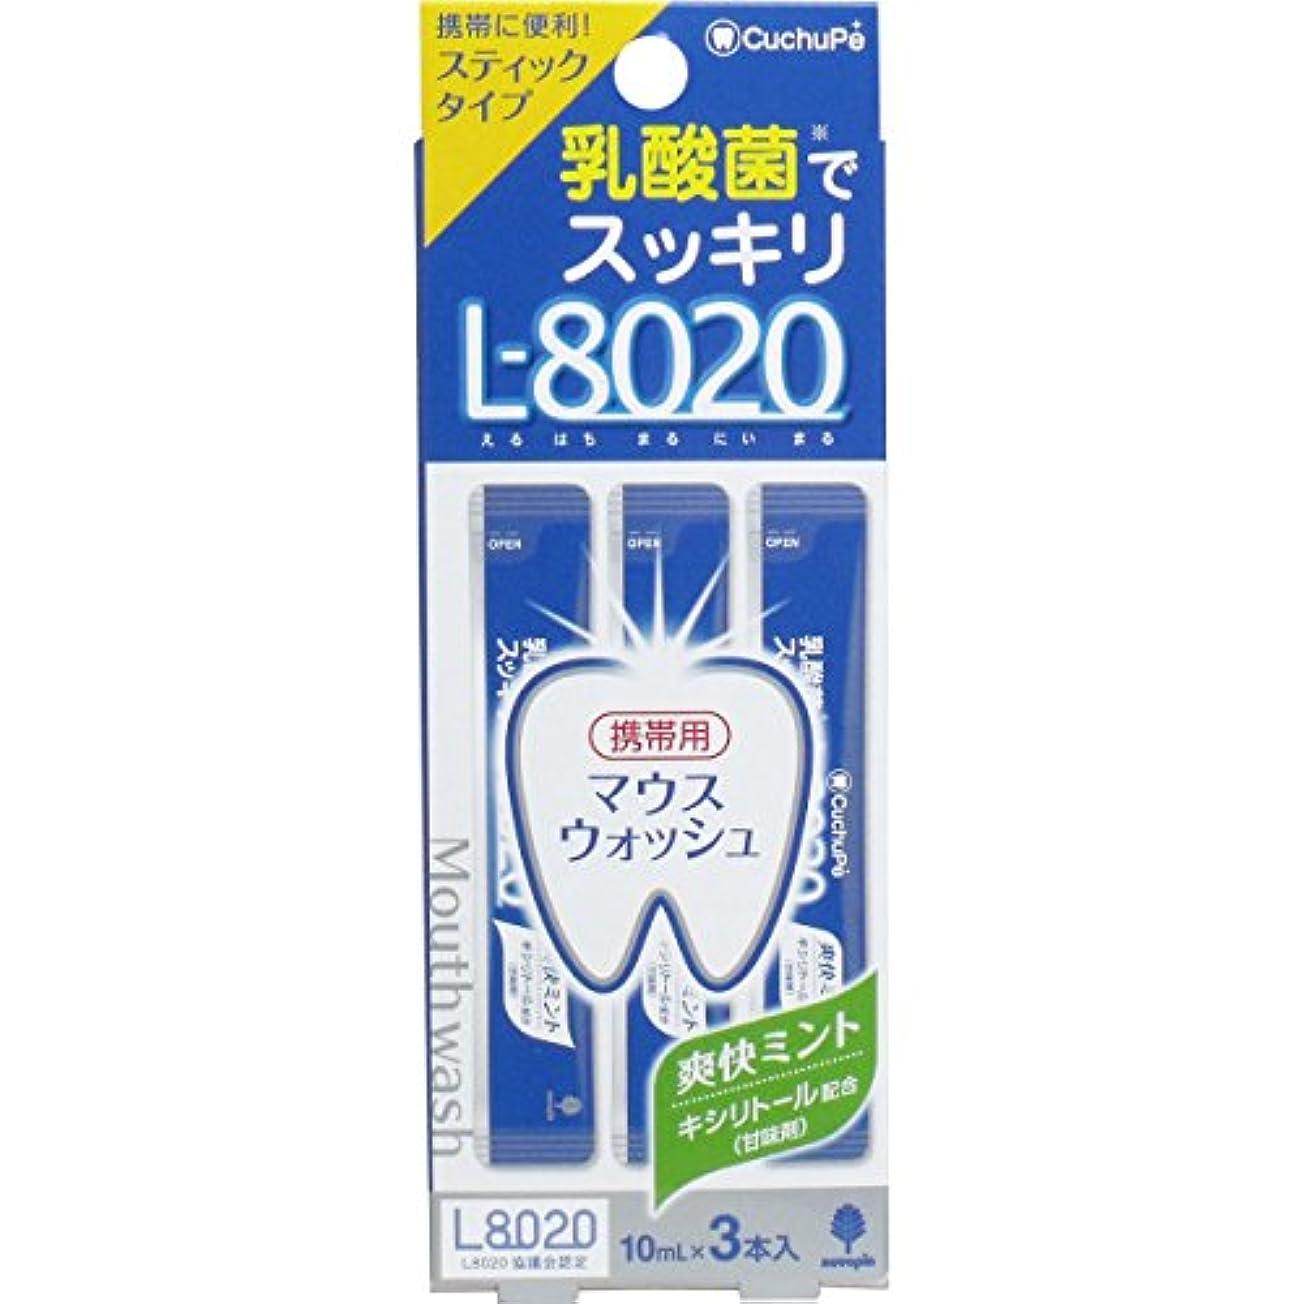 苦情文句誰か小麦粉紀陽除虫菊 クチュッペ L-8020 マウスウォッシュ 爽快ミント スティックタイプ 10mL*3本入 4971902070872